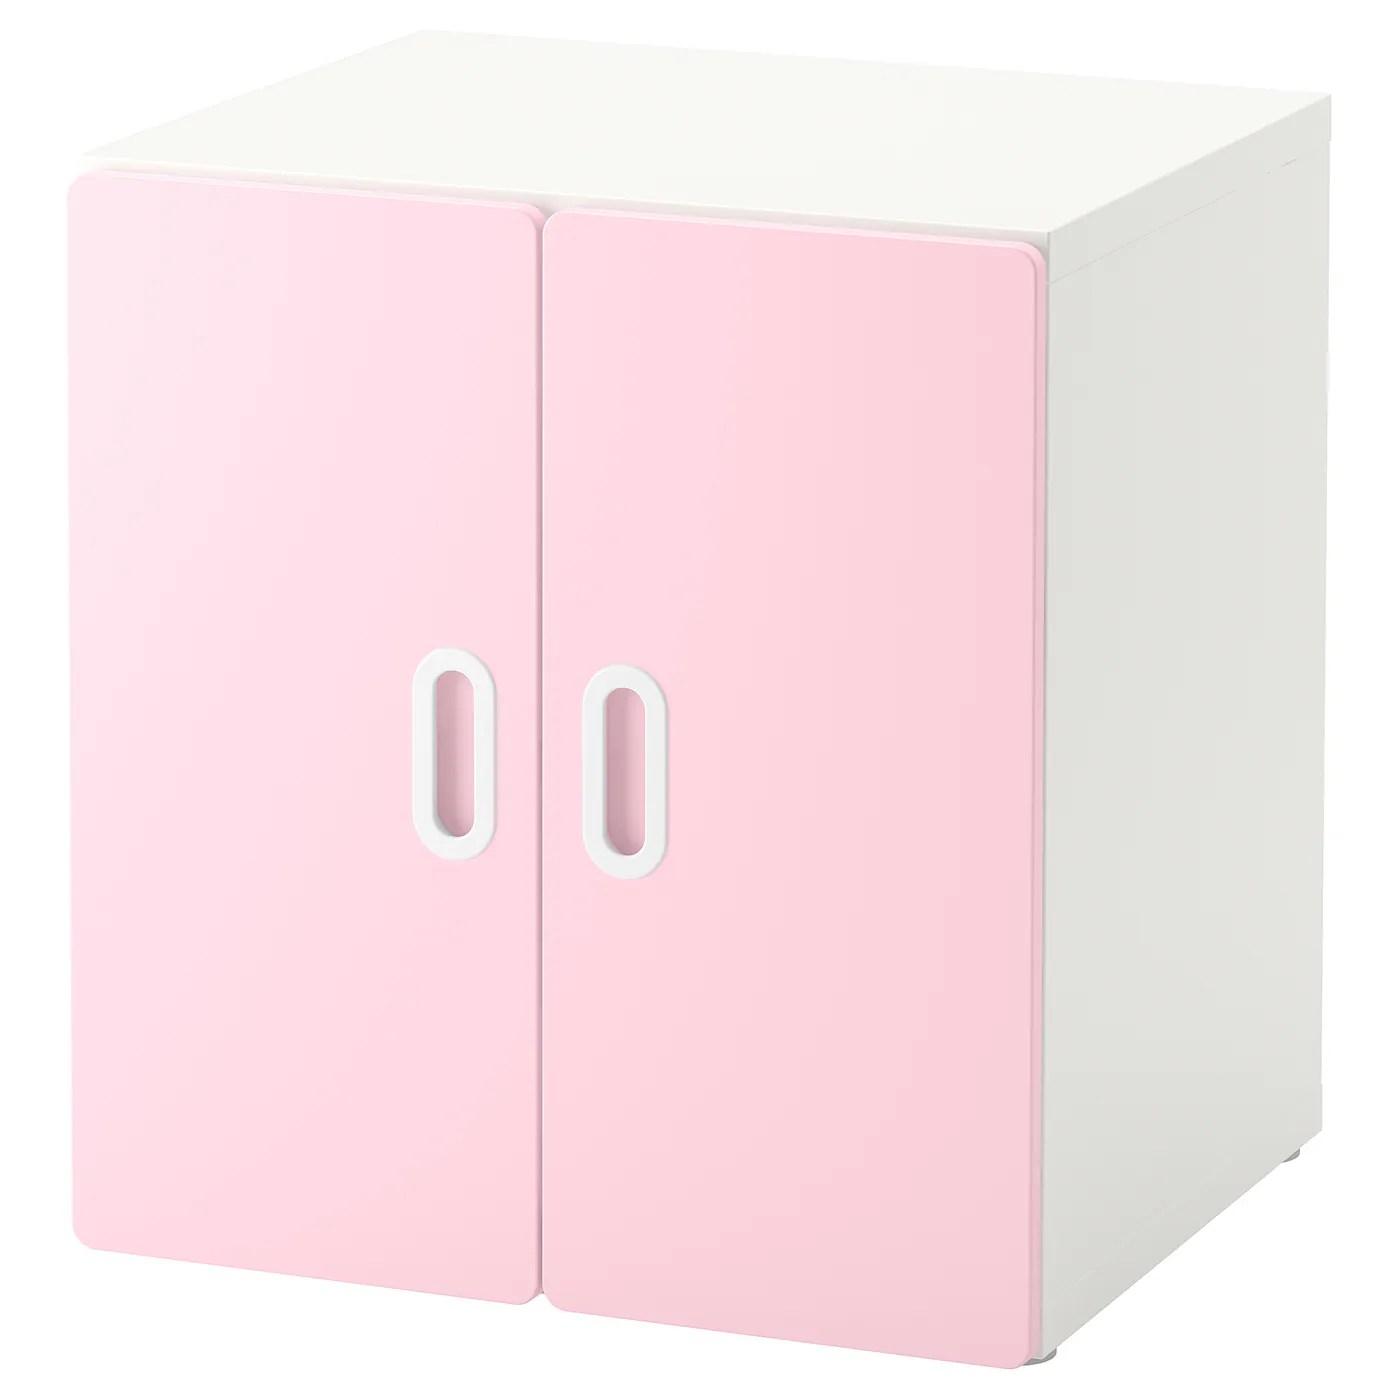 ikea fritids stuva meuble de rangement peut etre pose au sol ou accroche au mur